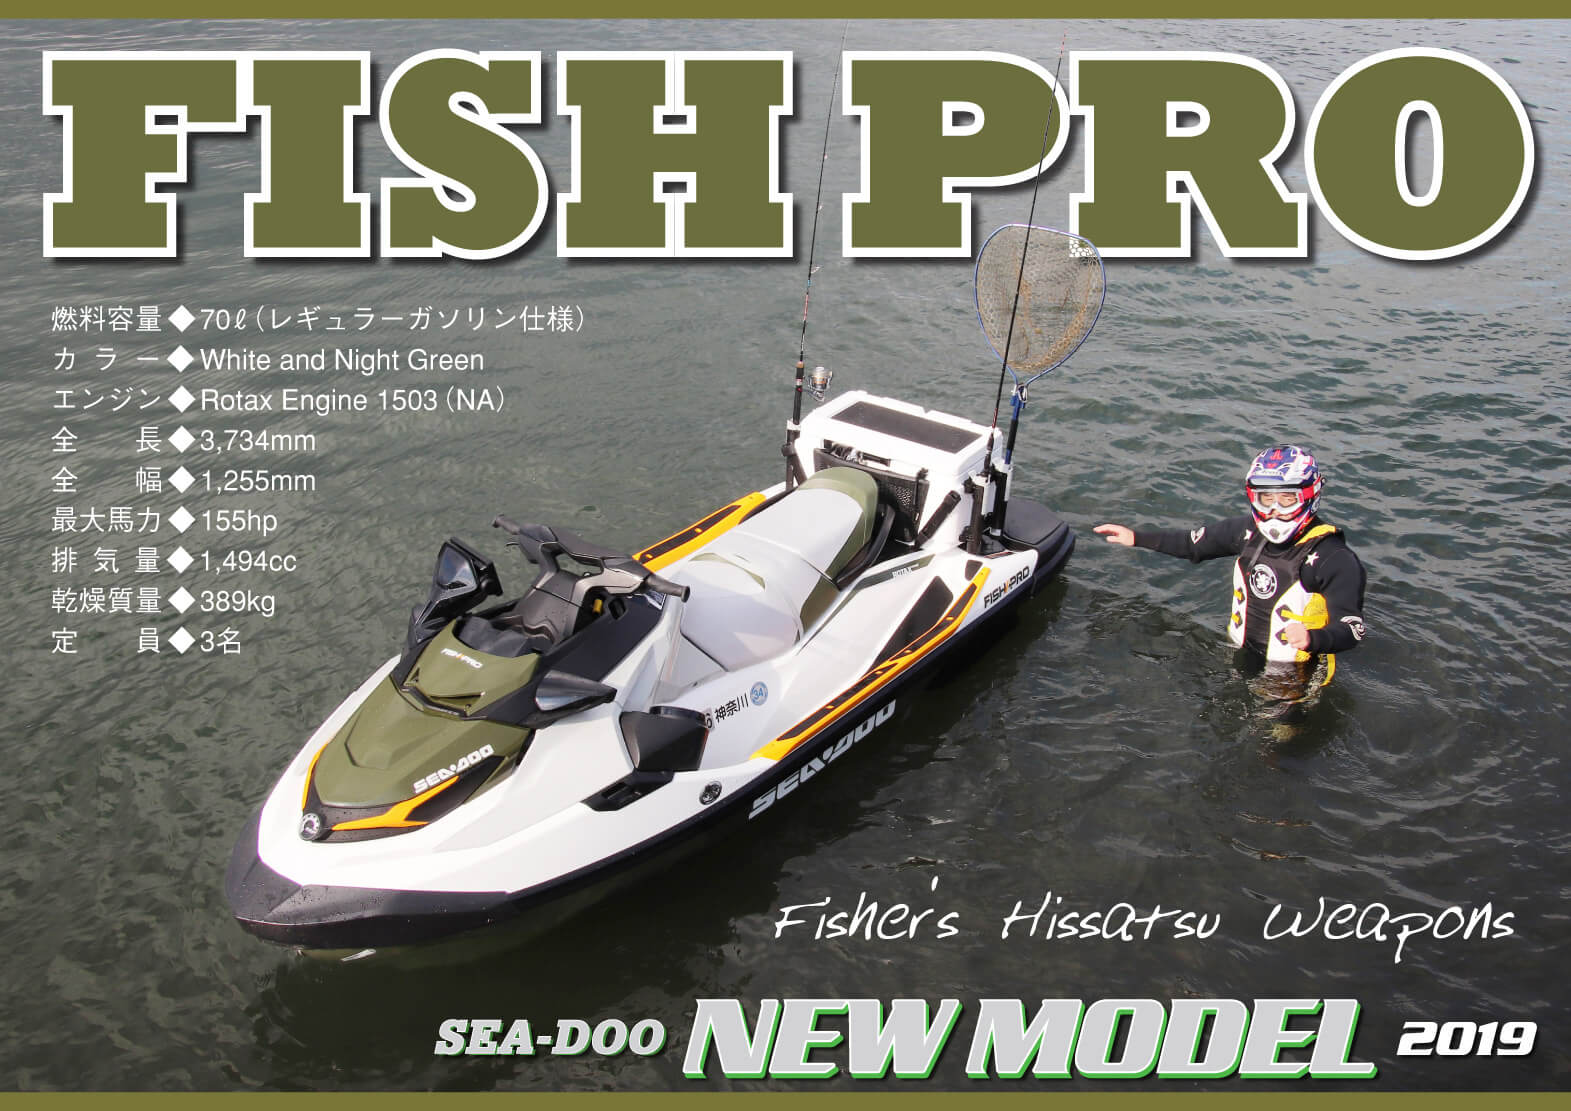 2019 BRP「FISH PRO」